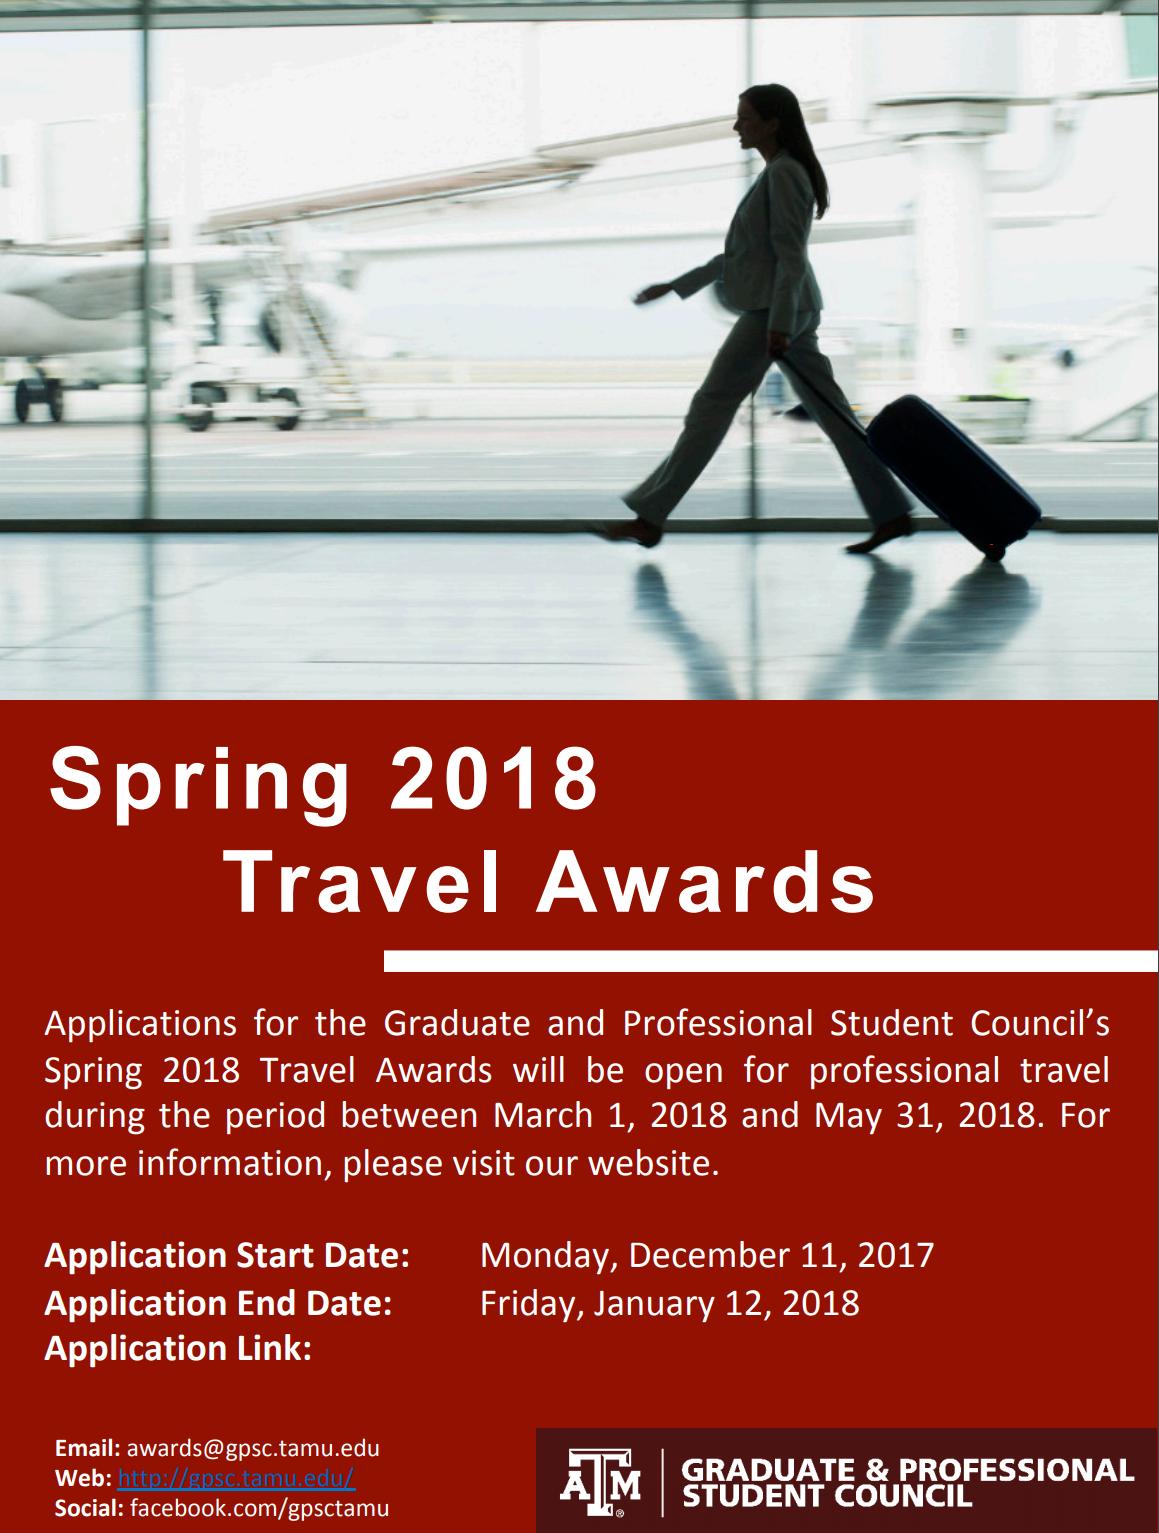 concordia application deadline winter 2018